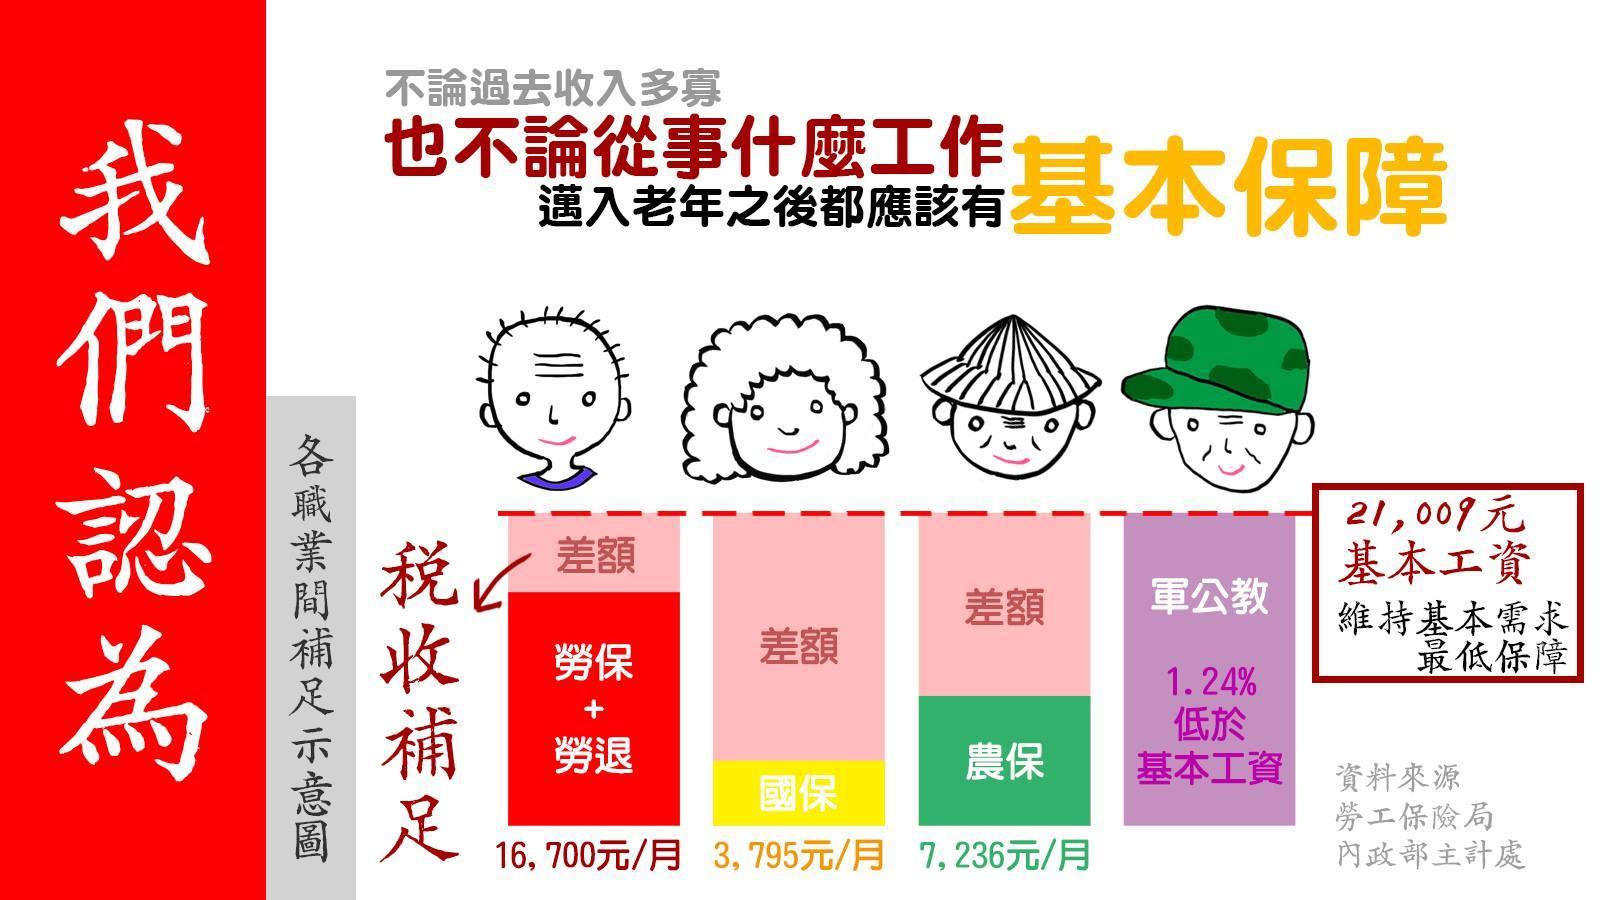 勞工團體認為,不論任何職種、年資如何,邁入老年後的年金給付,應該補足至基本工資。這張圖上呈現的是2016年12月的統計數據。(取自2016工人鬥總統粉絲專頁)